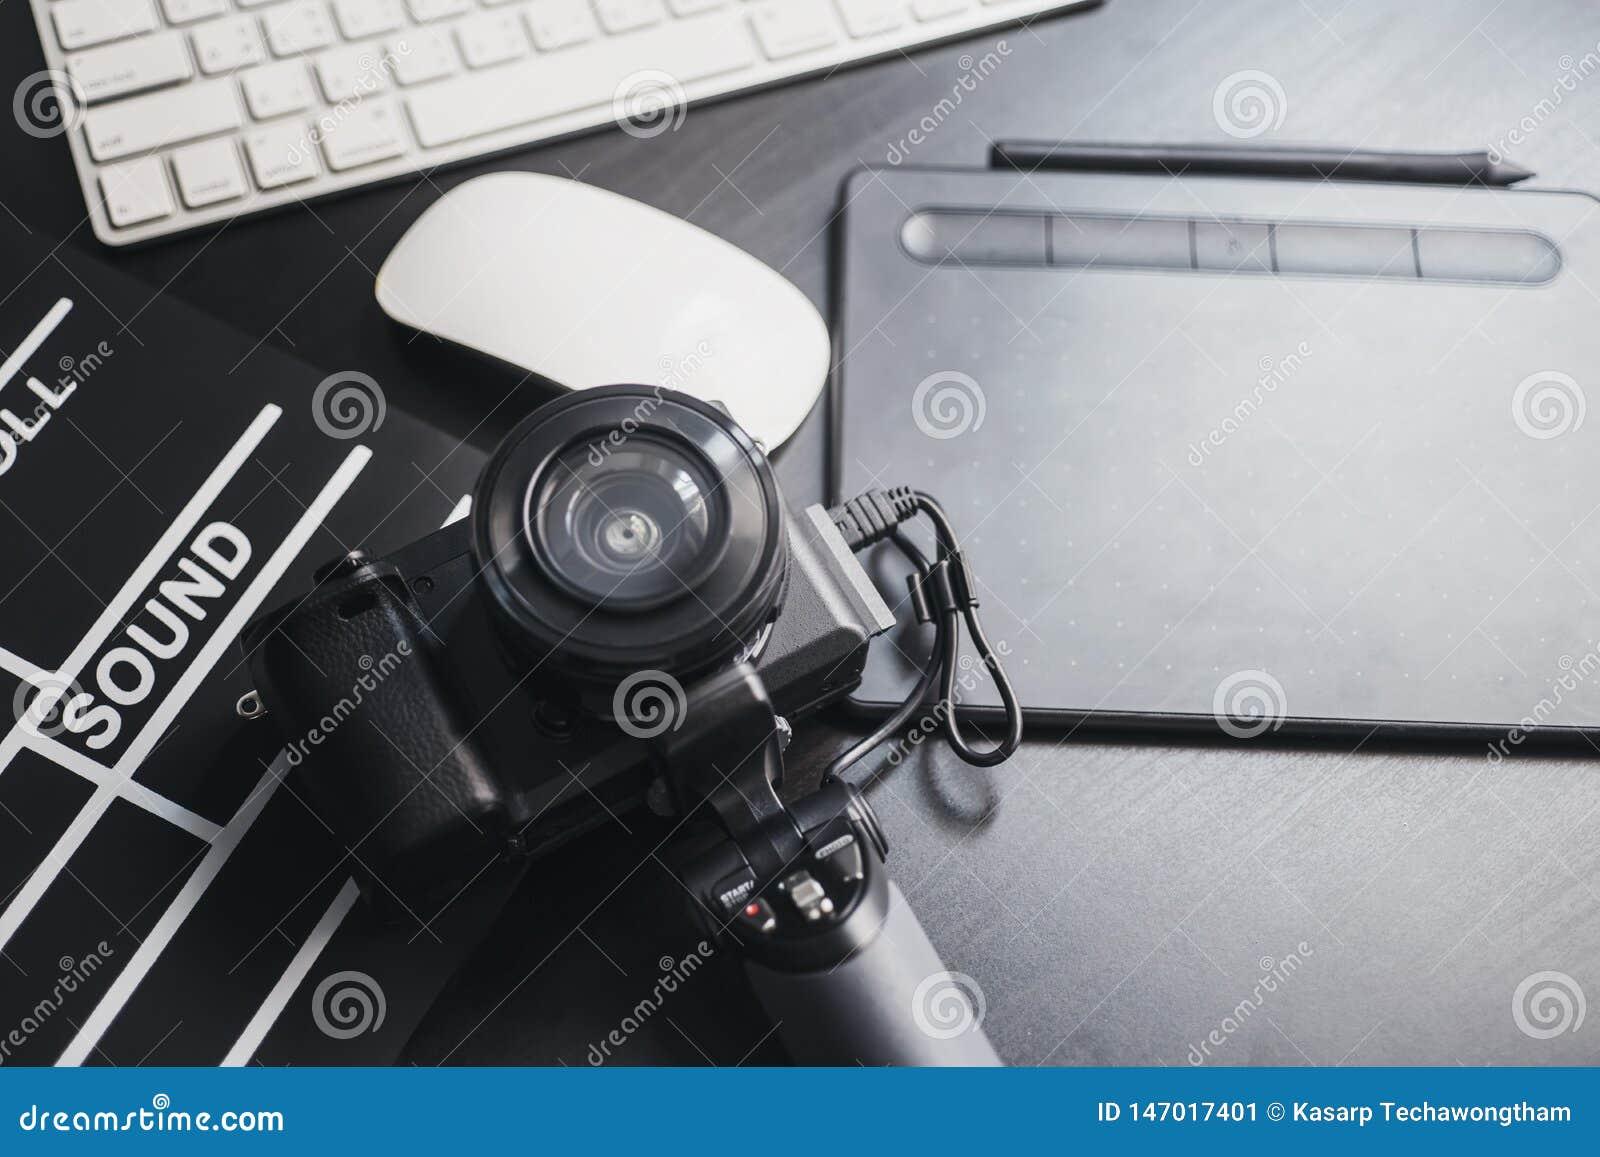 Professioneel fotografiemateriaal van Fotografen Mirrorlesscamera met lens, computer en Leifilm, digitale pen op houten